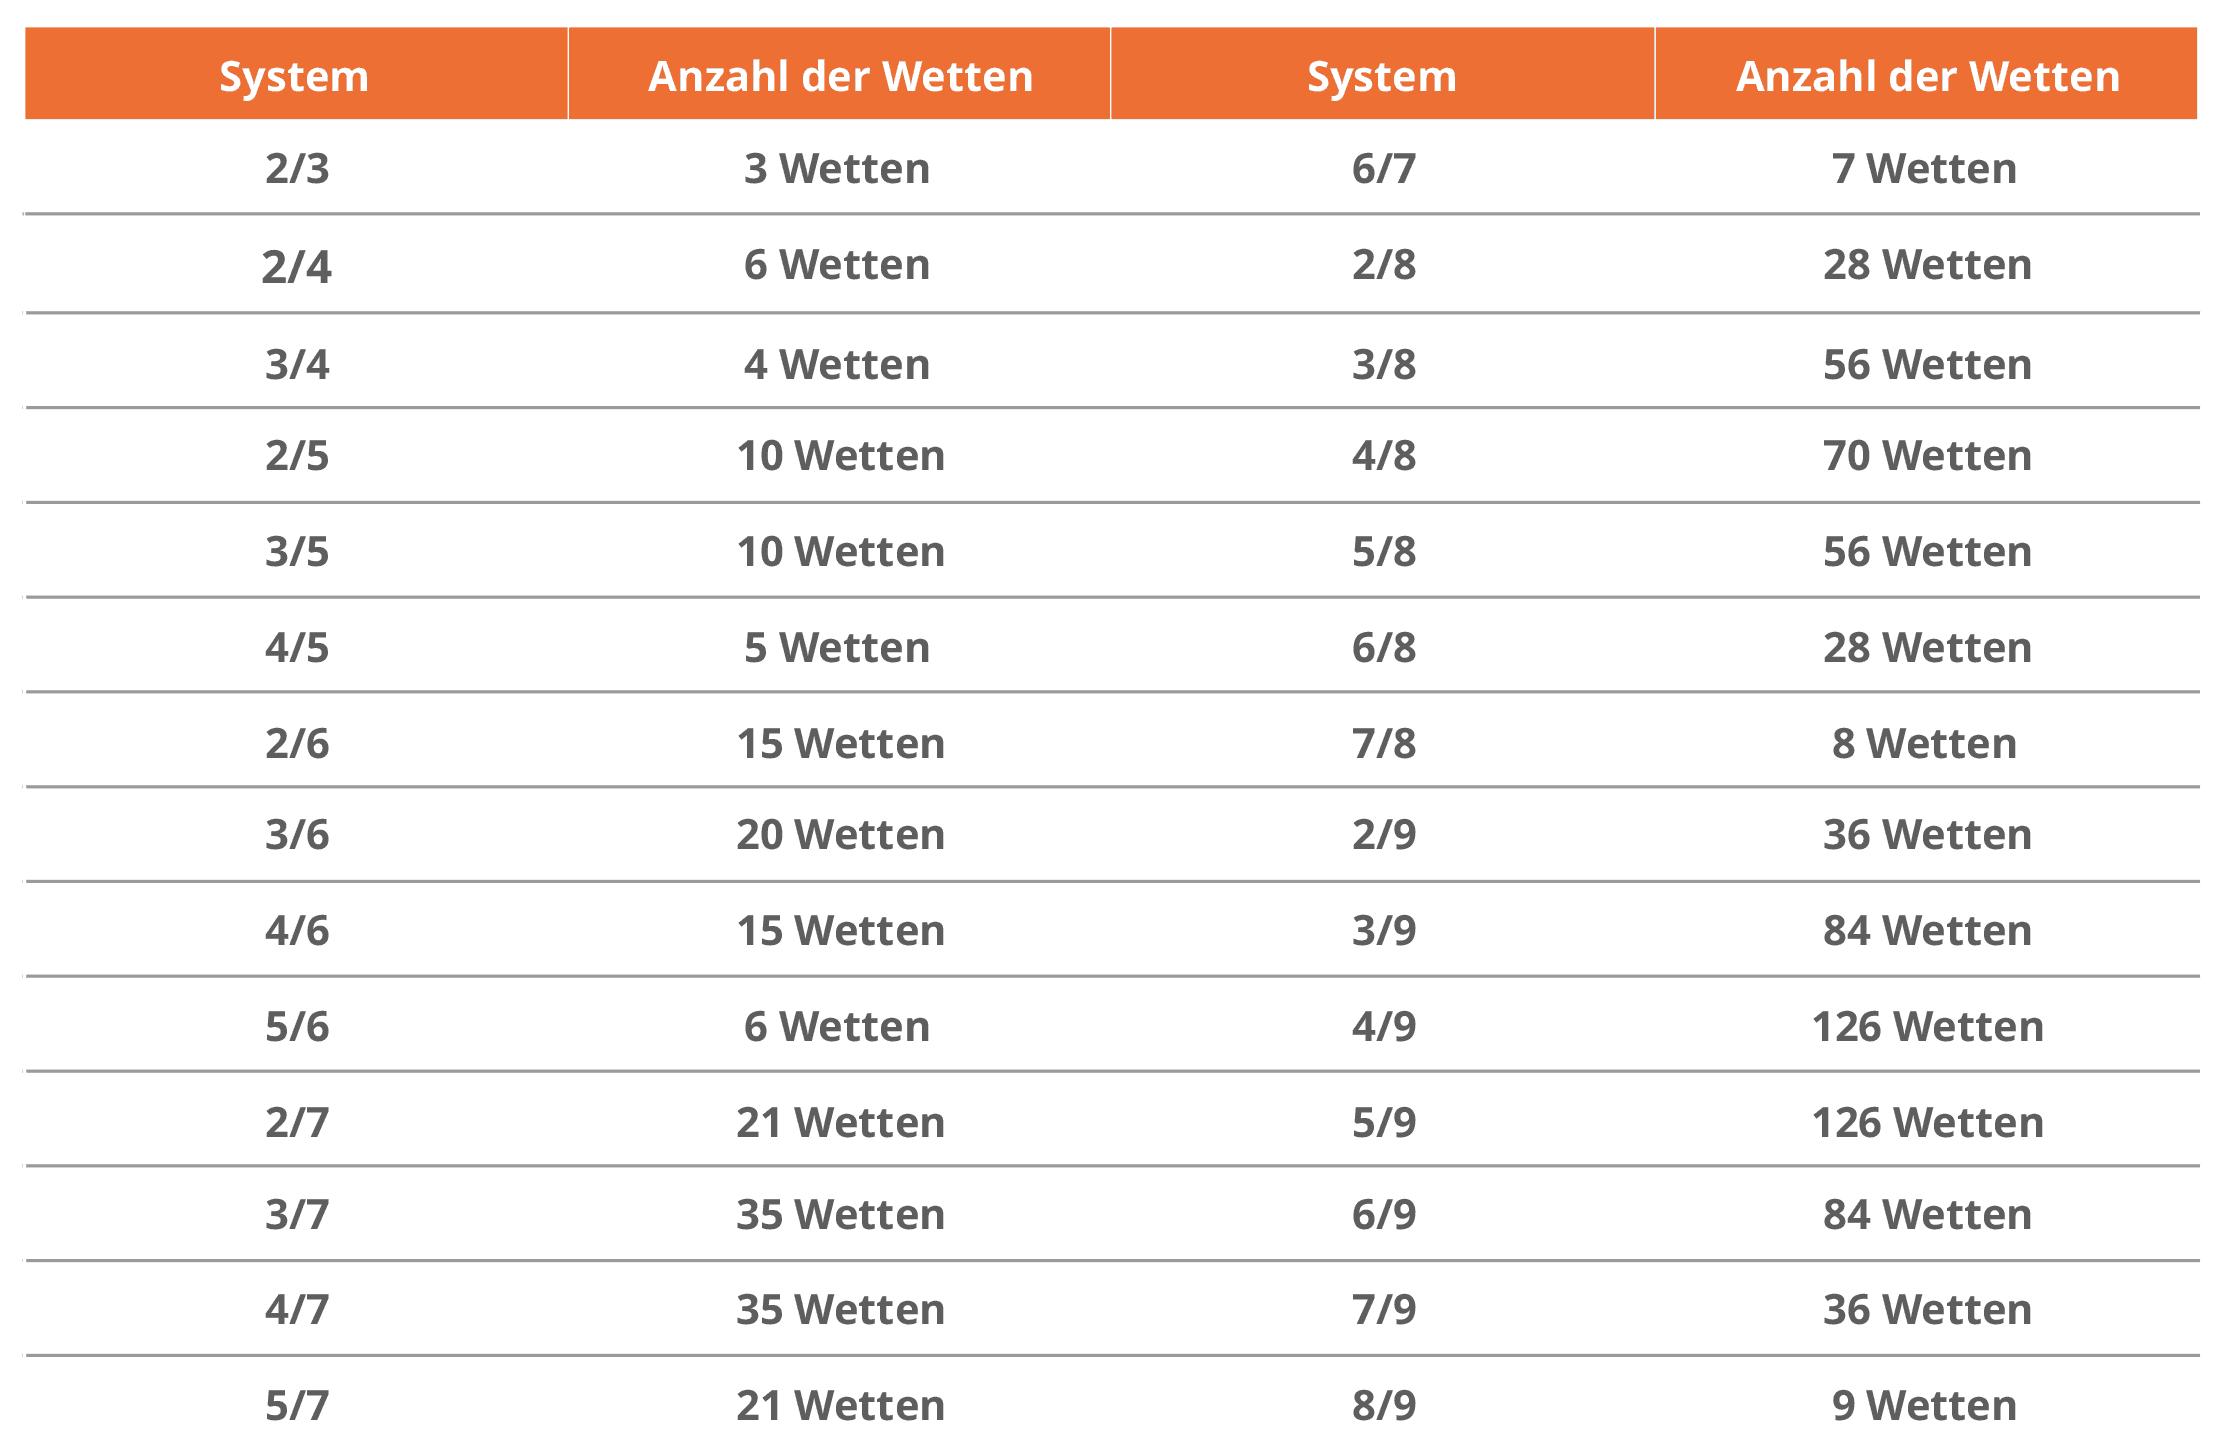 Tabelle Anzahl der Wetten für jedes System